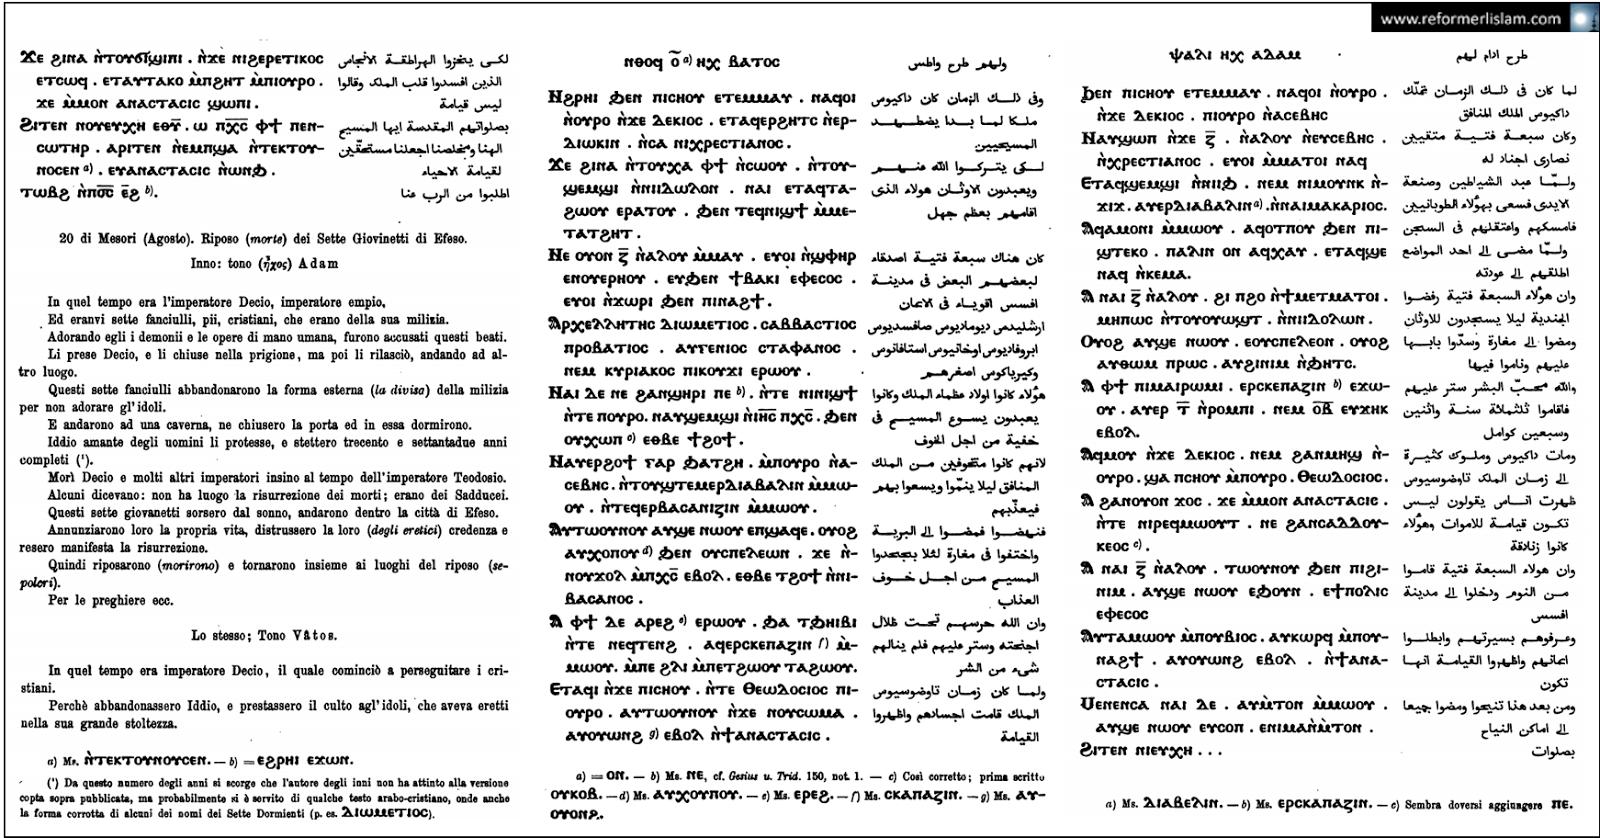 Testi orientali inediti sopra i Sette dormienti di Efeso, by Ignazio Guidi, Published 1885 (pages 13,14 &15)